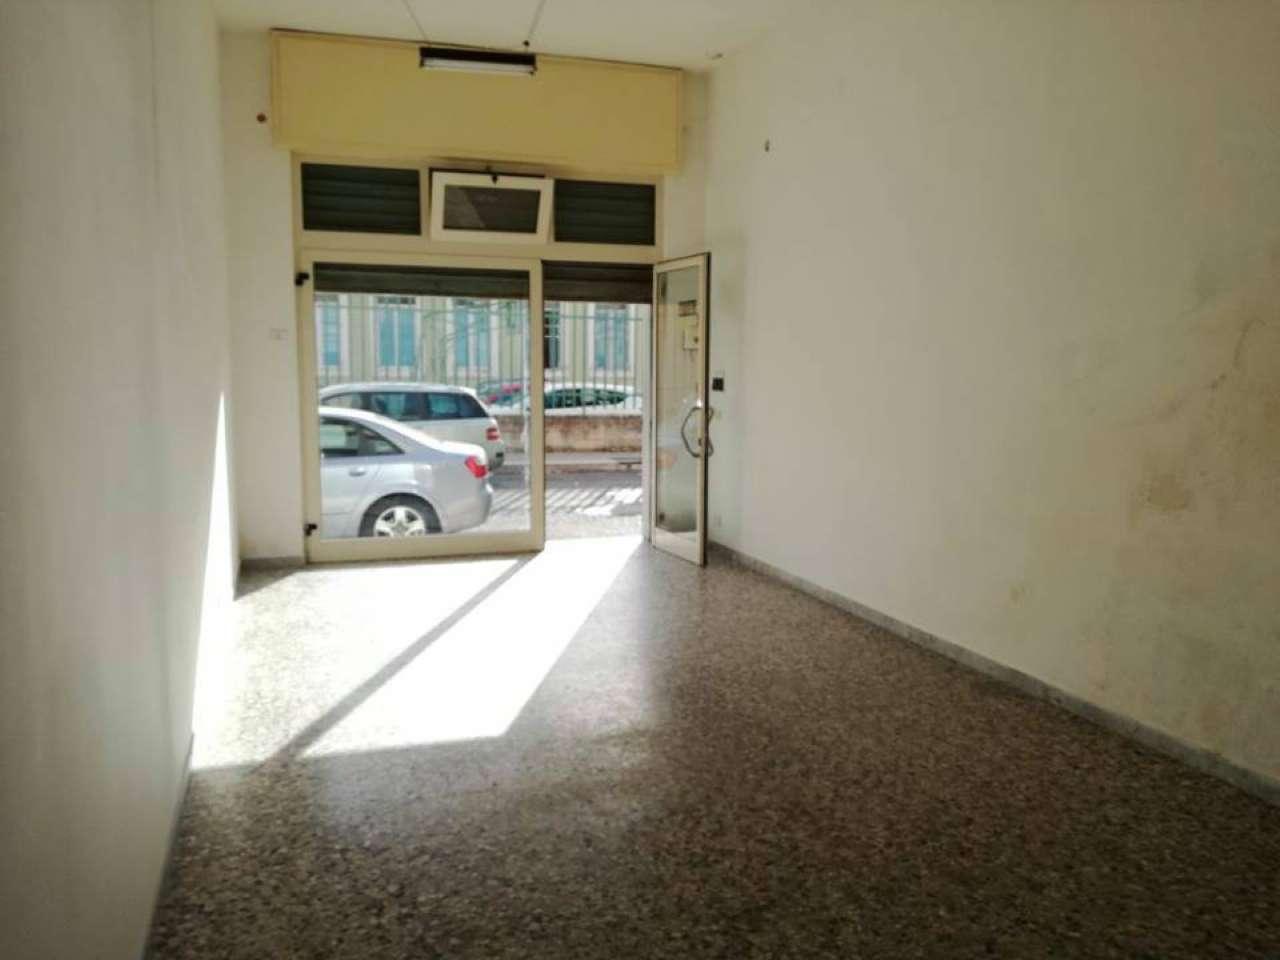 Negozio / Locale in vendita a Massafra, 2 locali, prezzo € 68.000 | CambioCasa.it